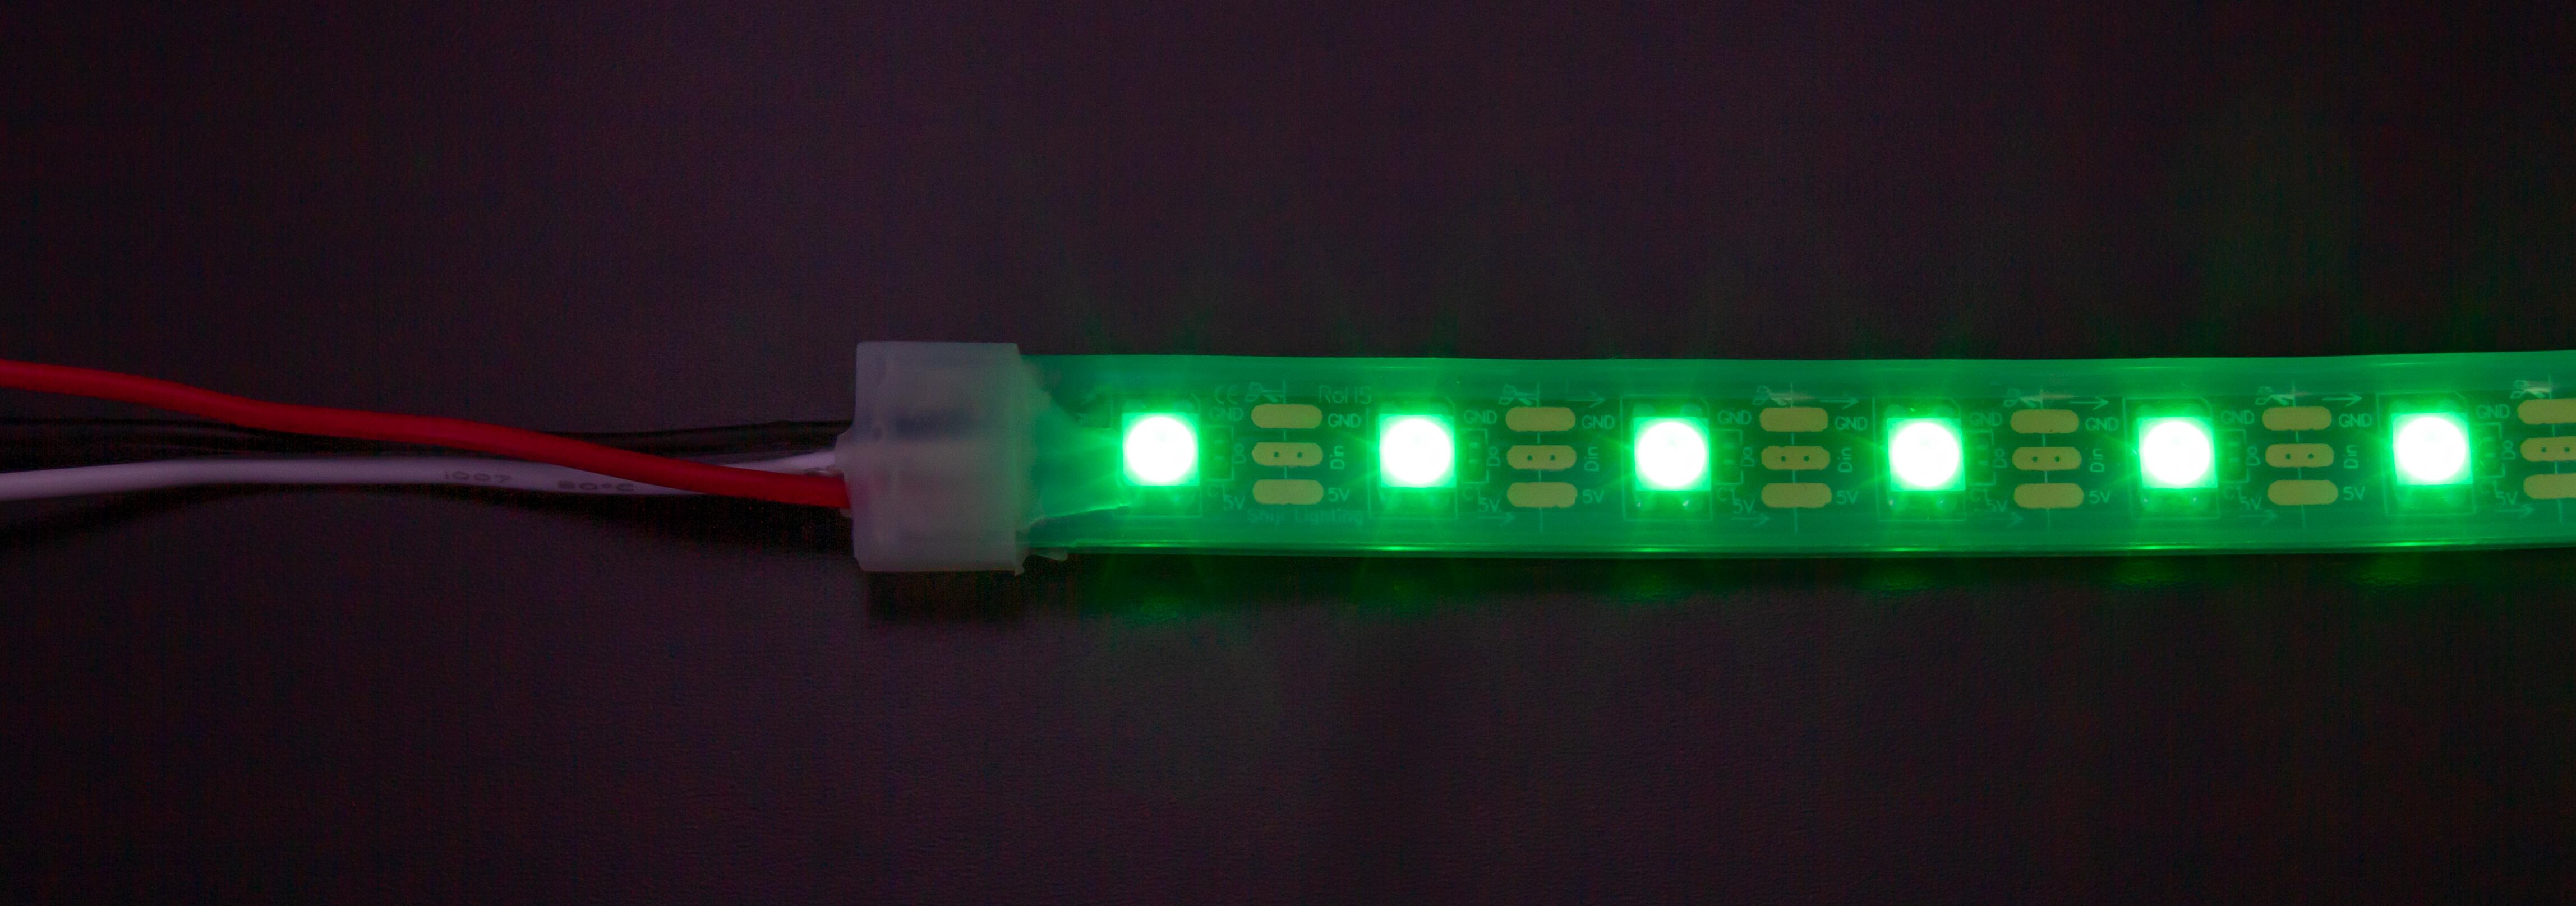 leds_NeoPixel_All_LEDs_Green.jpg